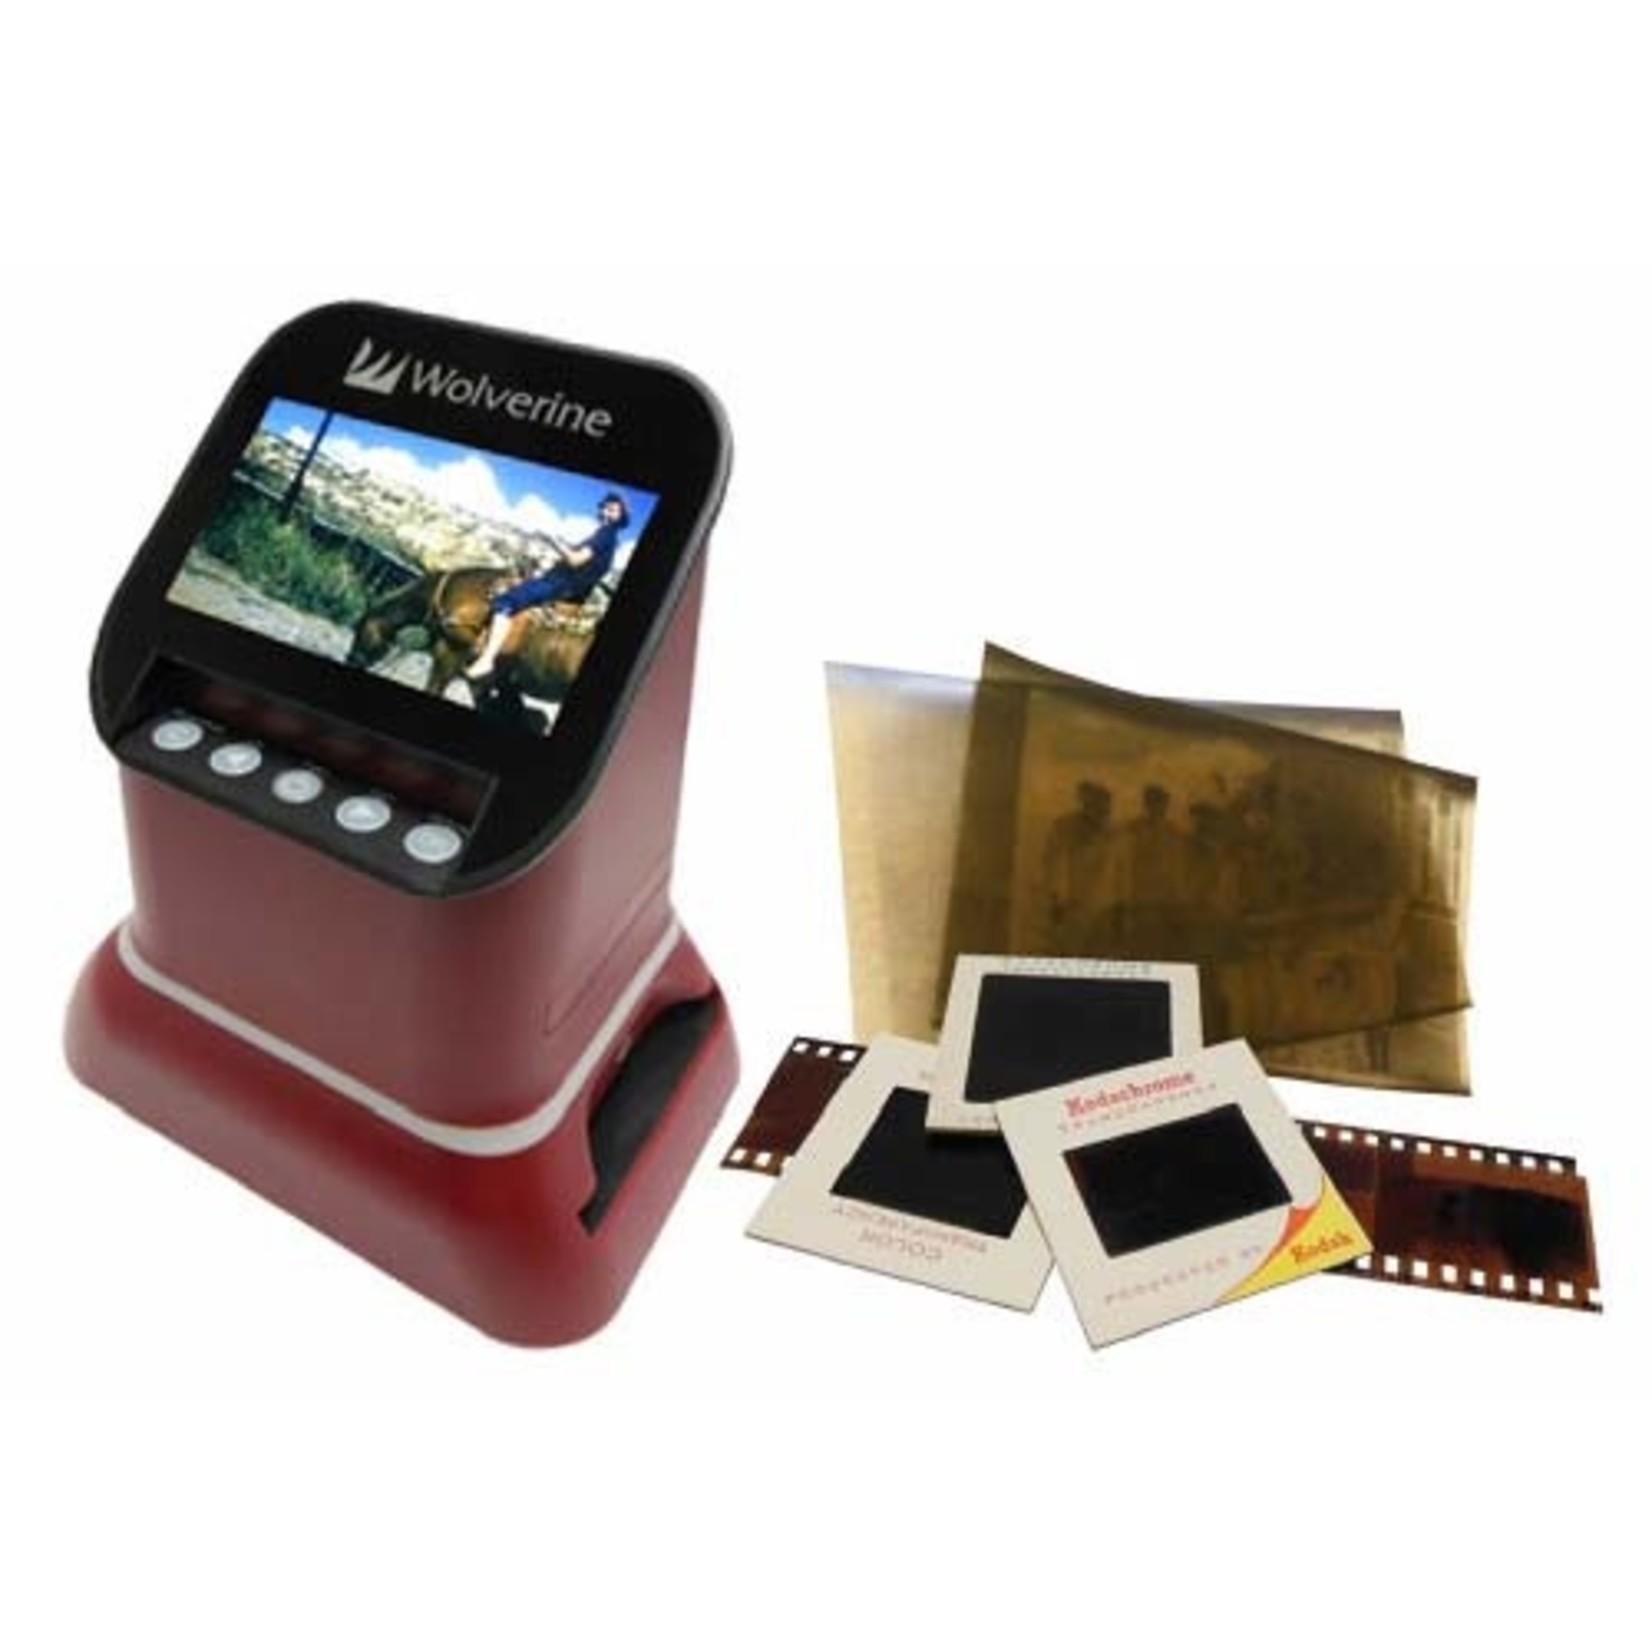 Wolverine Saturn F2D 120 /127 /35mm scanner - RED